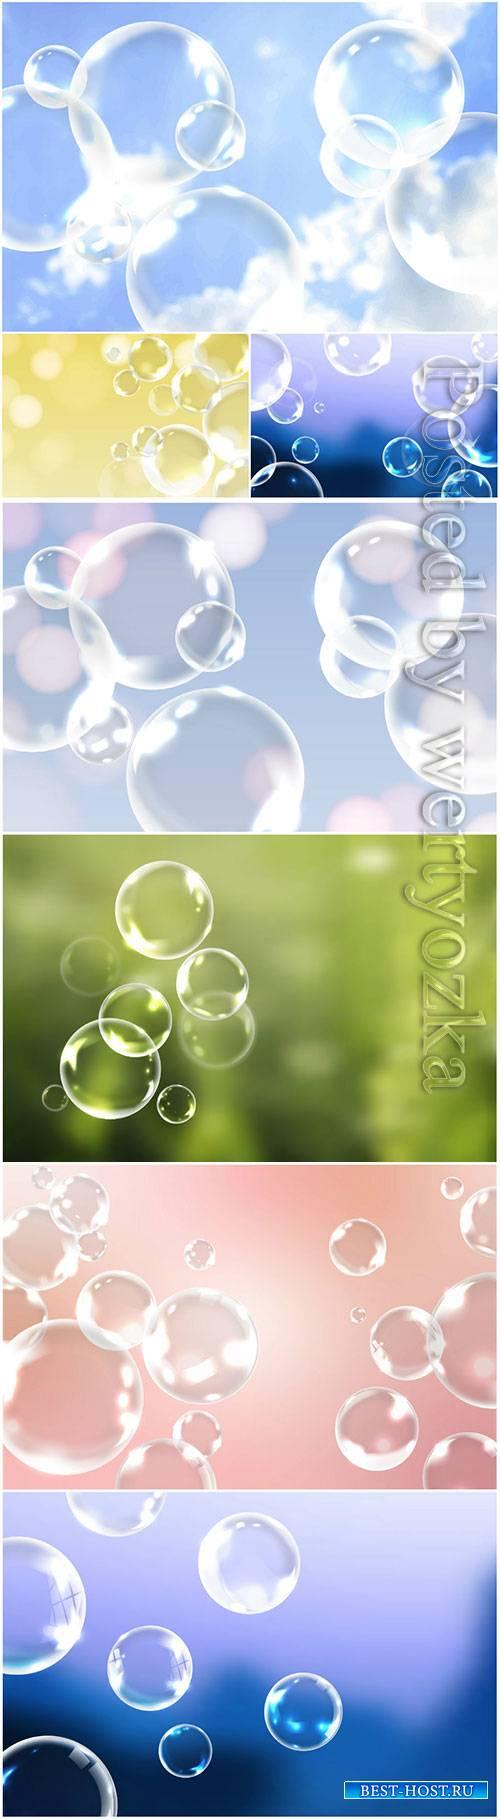 Soap bubbles vector background decoration